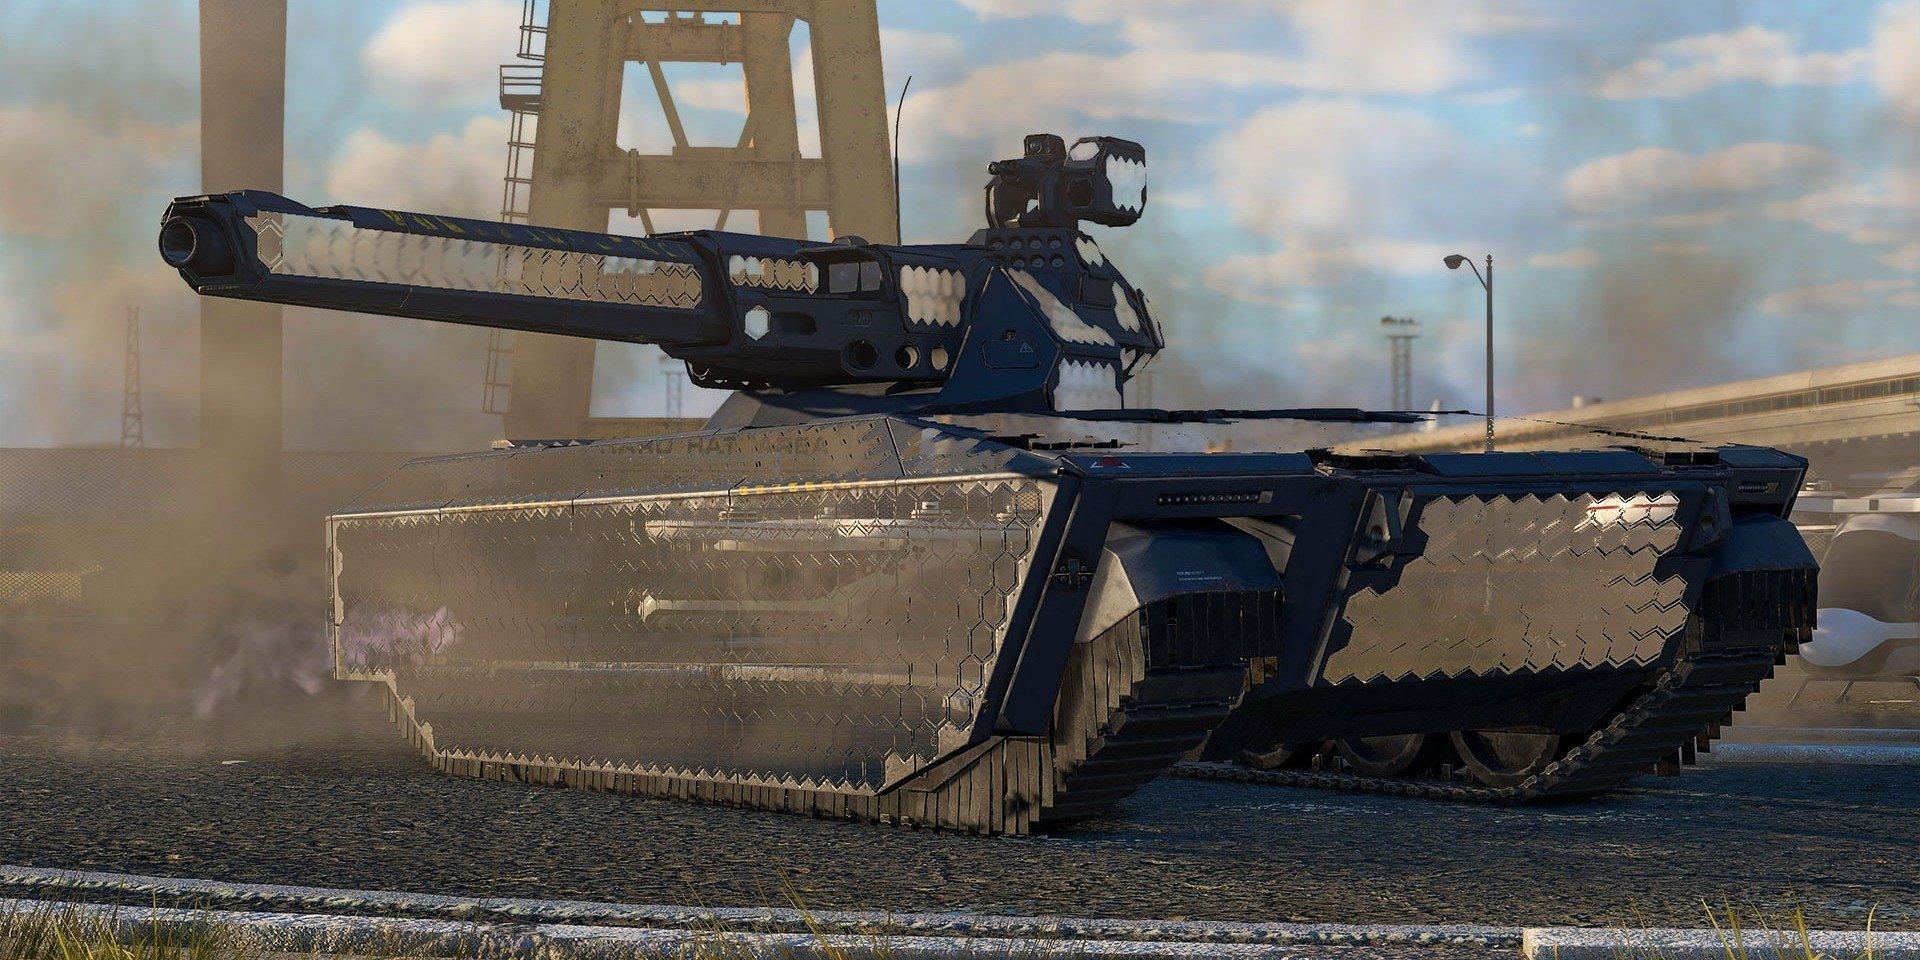 Vojenská simulační aplikace budoucnosti Warfare 2077 je dočasně k dispozici široké veřejnosti